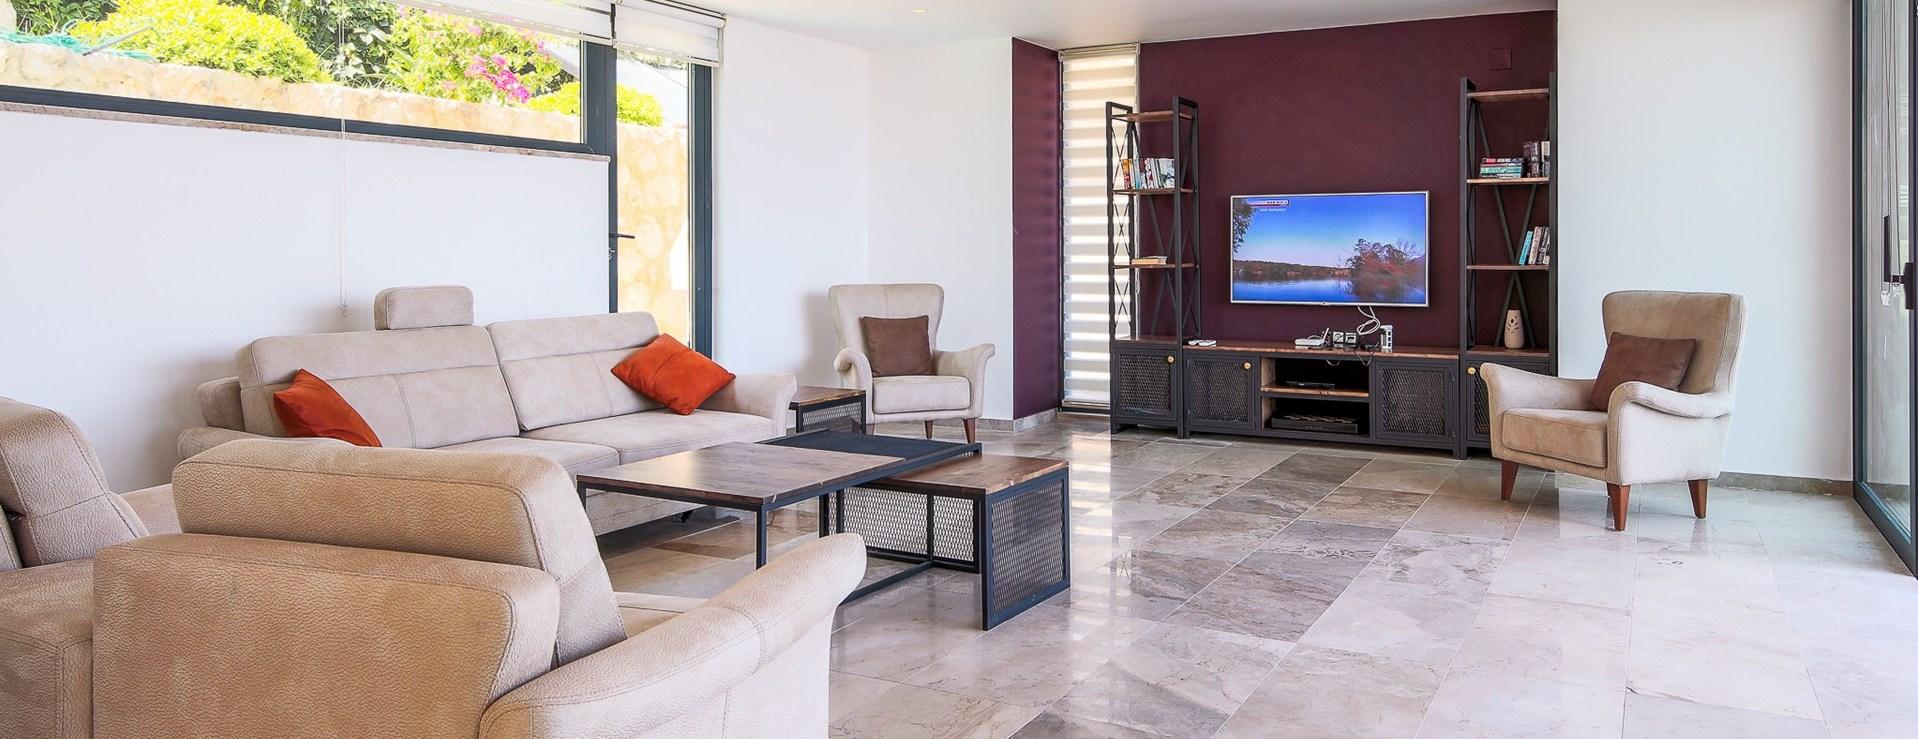 villa-neyla-kalkan-living-room